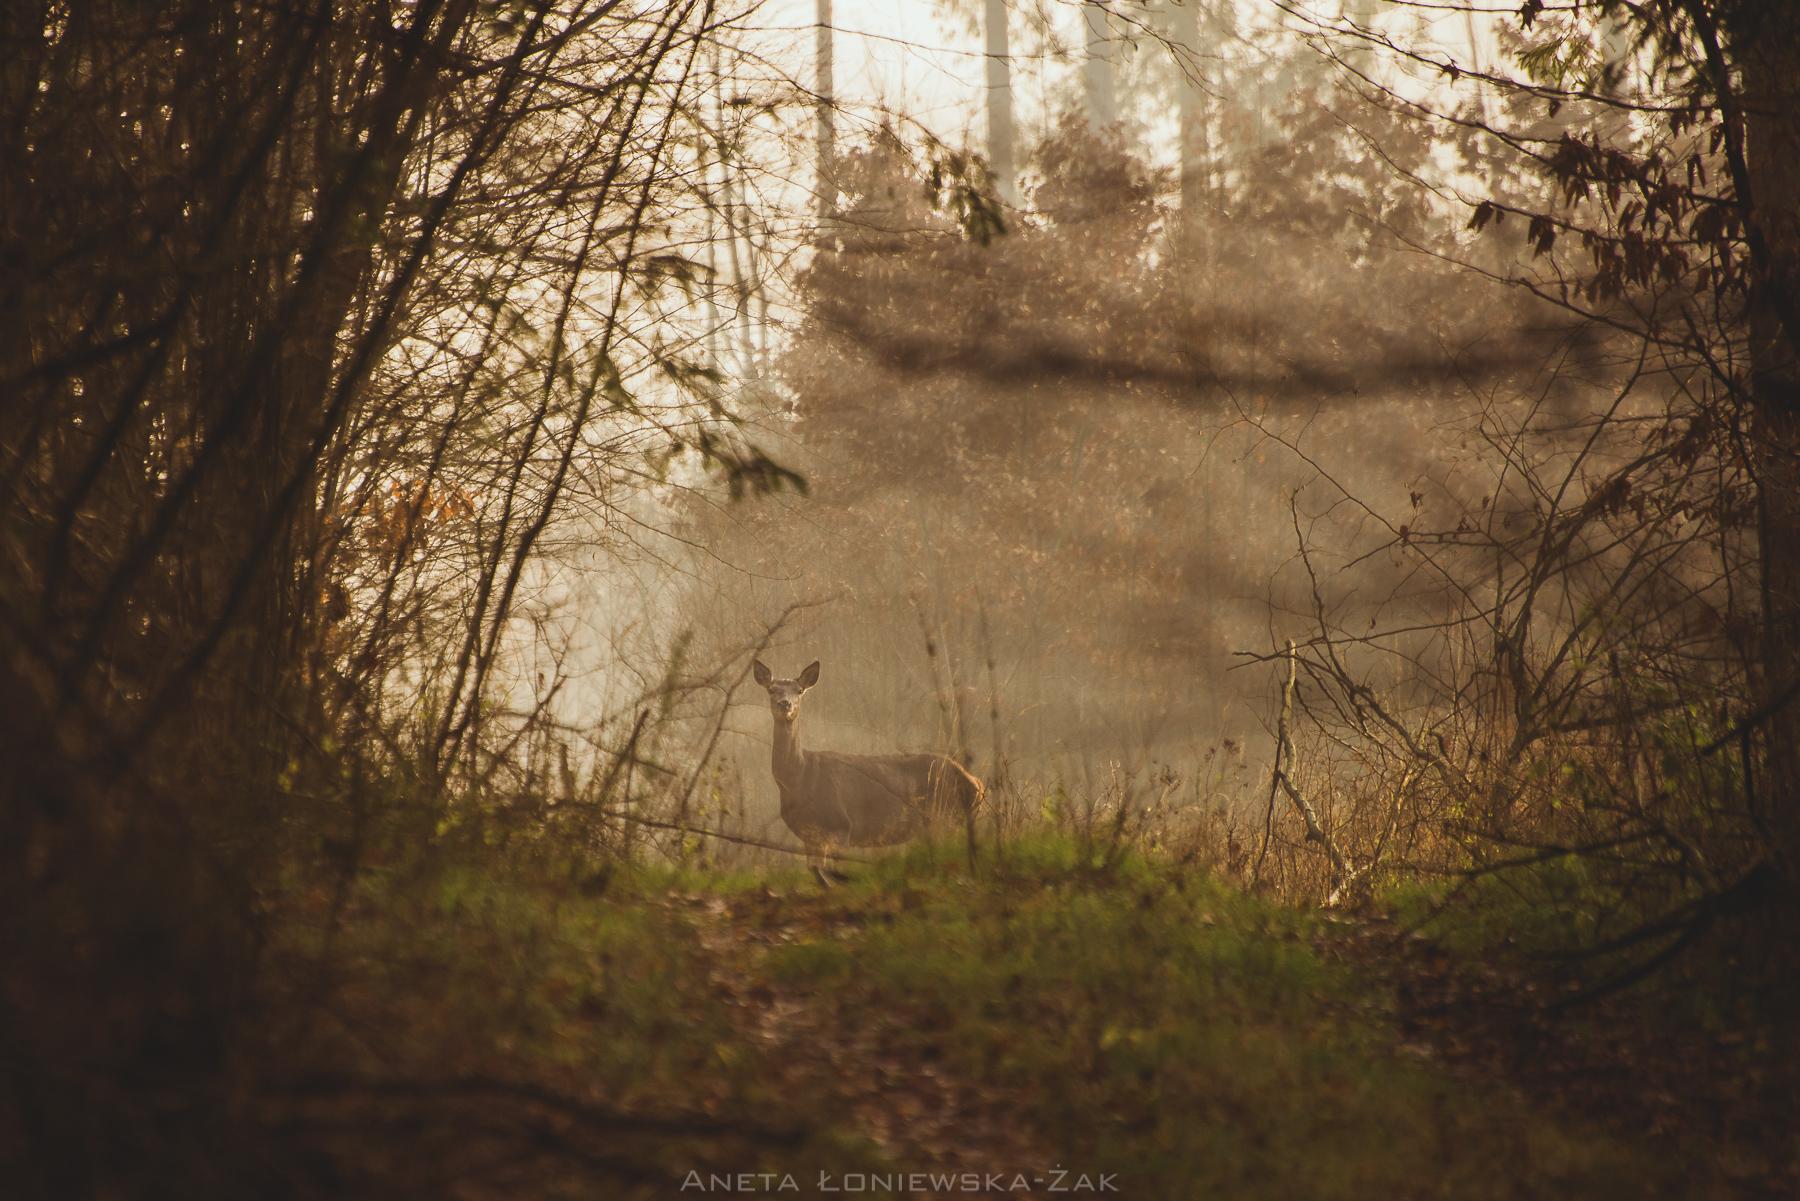 fotografia przyrodnicza, puszcza knyszyńska, podlasie, pkpk, jeleń szlachetny, łania